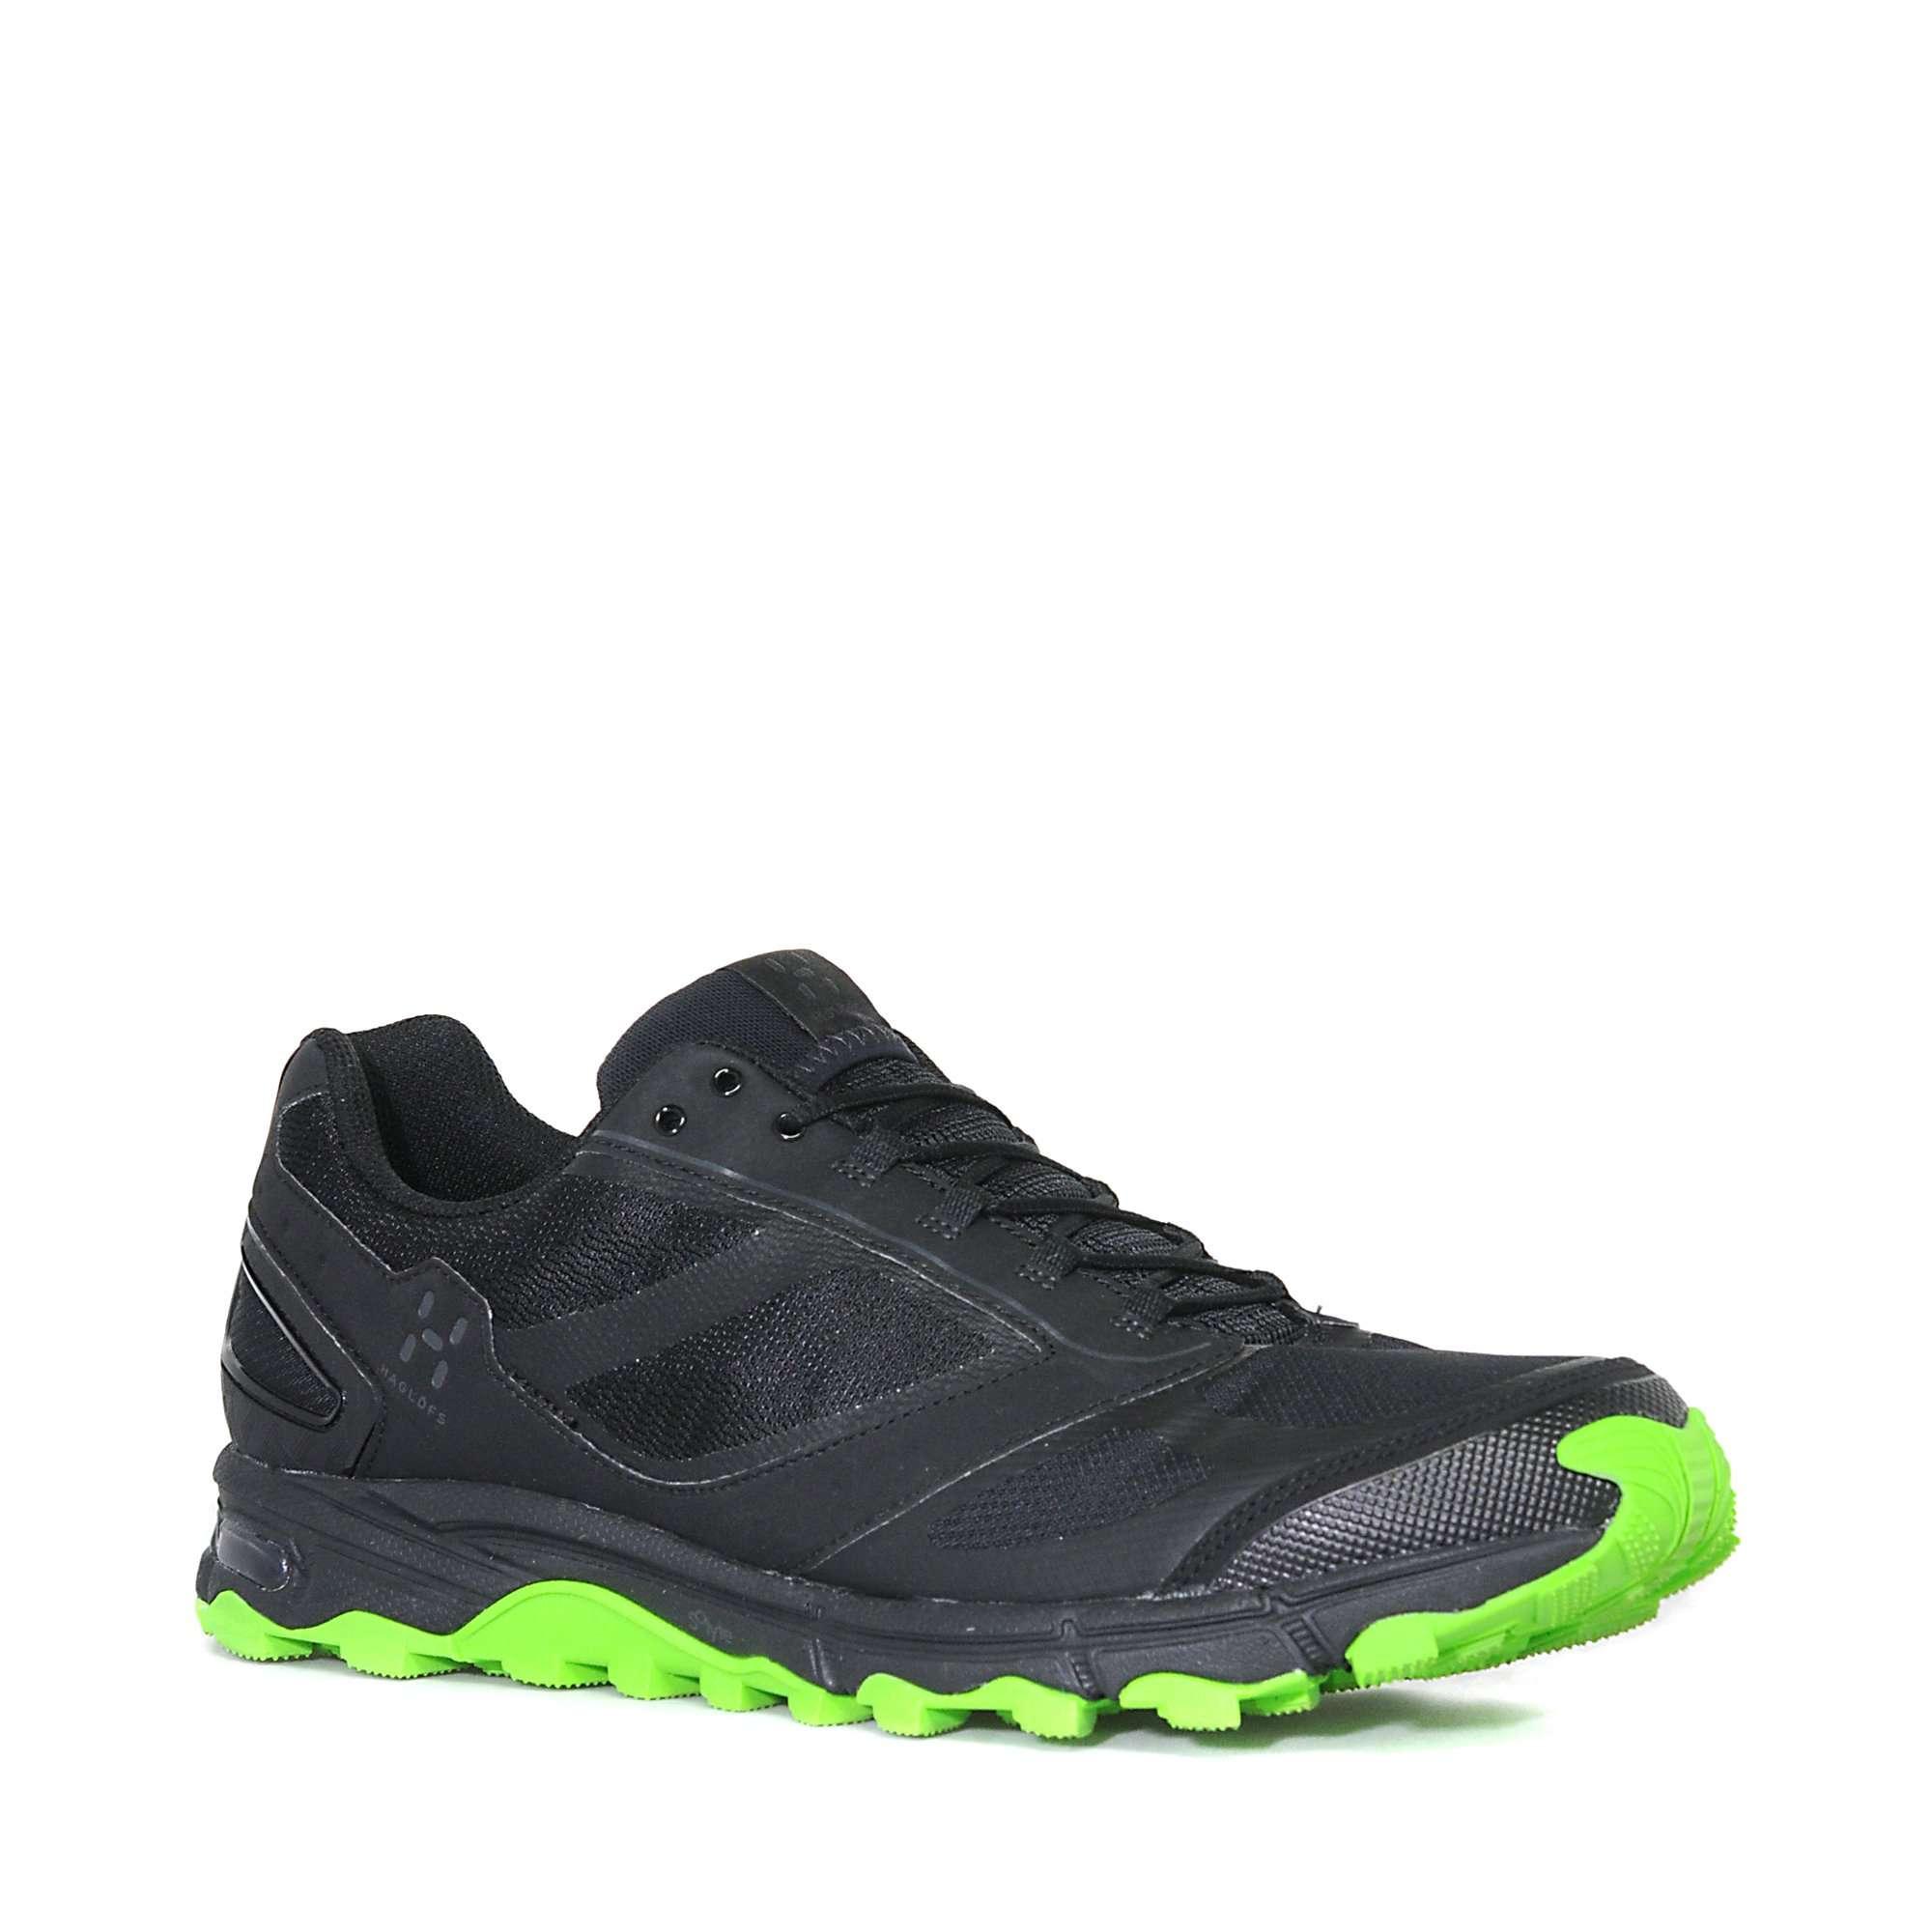 HAGLOFS Men's Gram Gravel Trail Running Shoe